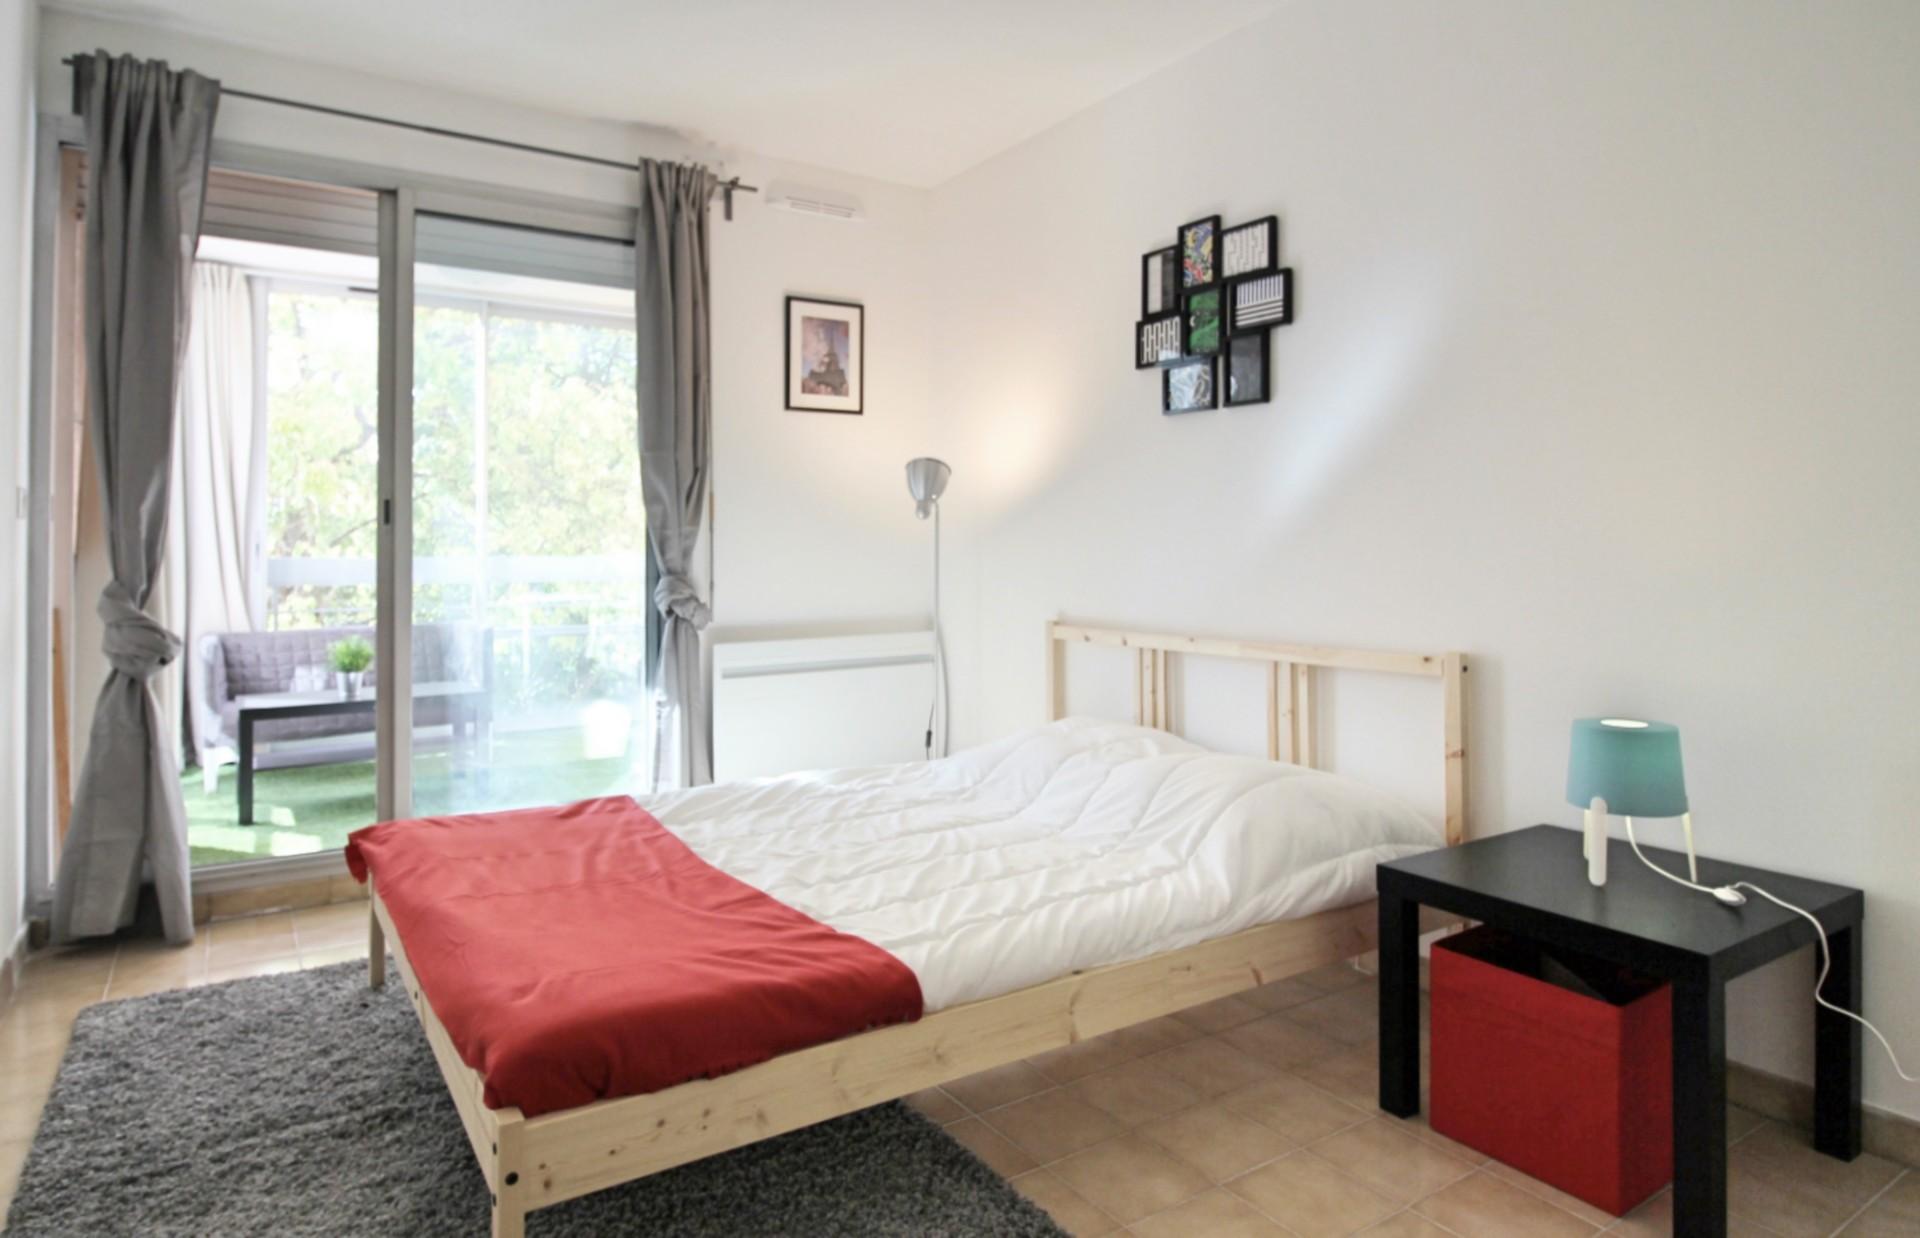 magnifique chambre meubl e dans appartement moderne et calme location chambres marseille. Black Bedroom Furniture Sets. Home Design Ideas